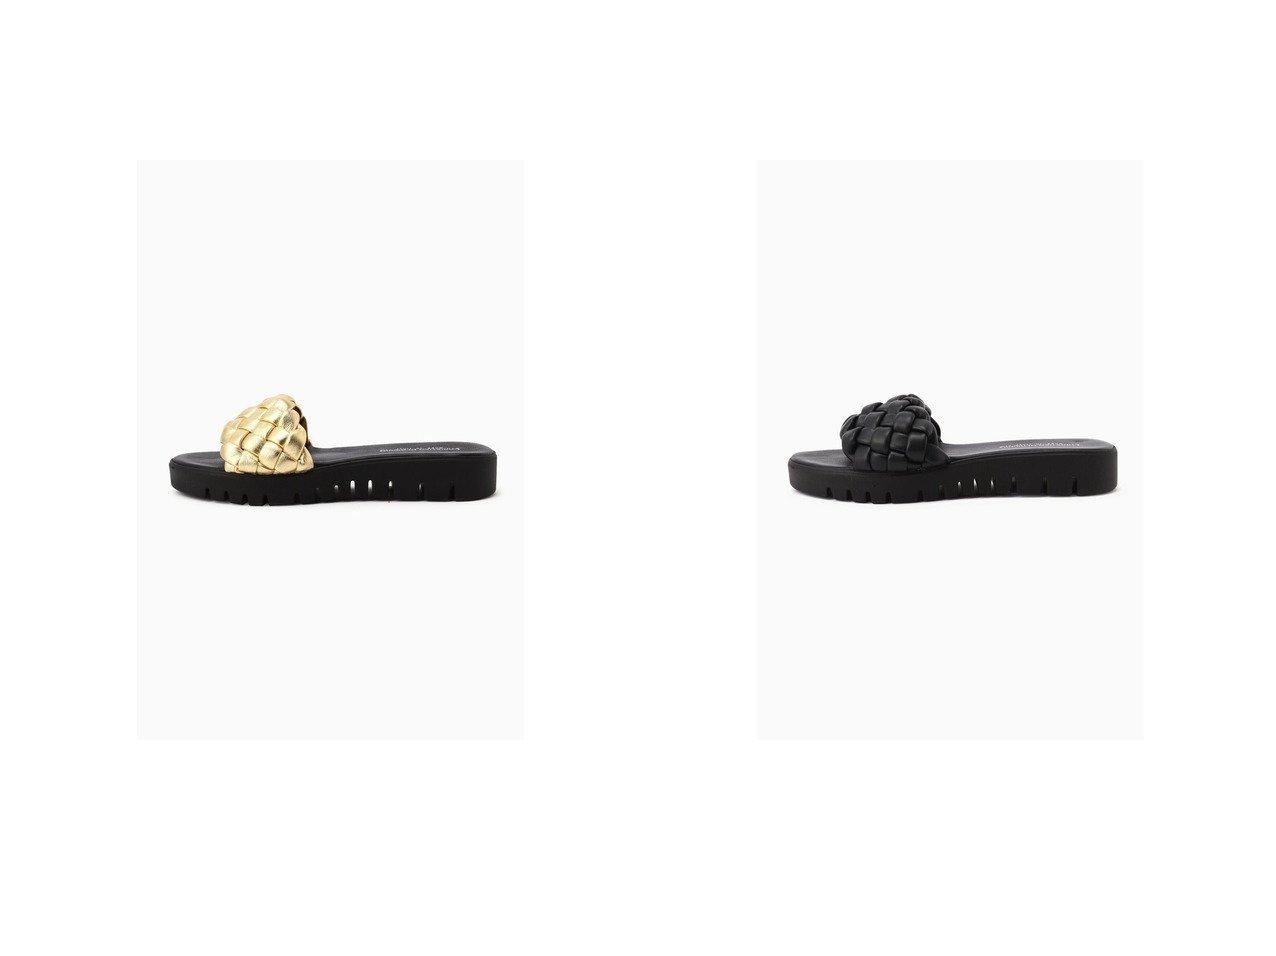 【ROSE BUD/ローズバッド】のサンダル 【シューズ・靴】おすすめ!人気、トレンド・レディースファッションの通販 おすすめで人気の流行・トレンド、ファッションの通販商品 インテリア・家具・メンズファッション・キッズファッション・レディースファッション・服の通販 founy(ファニー) https://founy.com/ ファッション Fashion レディースファッション WOMEN 2021年 2021 2021春夏・S/S SS/Spring/Summer/2021 S/S・春夏 SS・Spring/Summer サンダル フラット マキシ 夏 Summer 春 Spring  ID:crp329100000048148